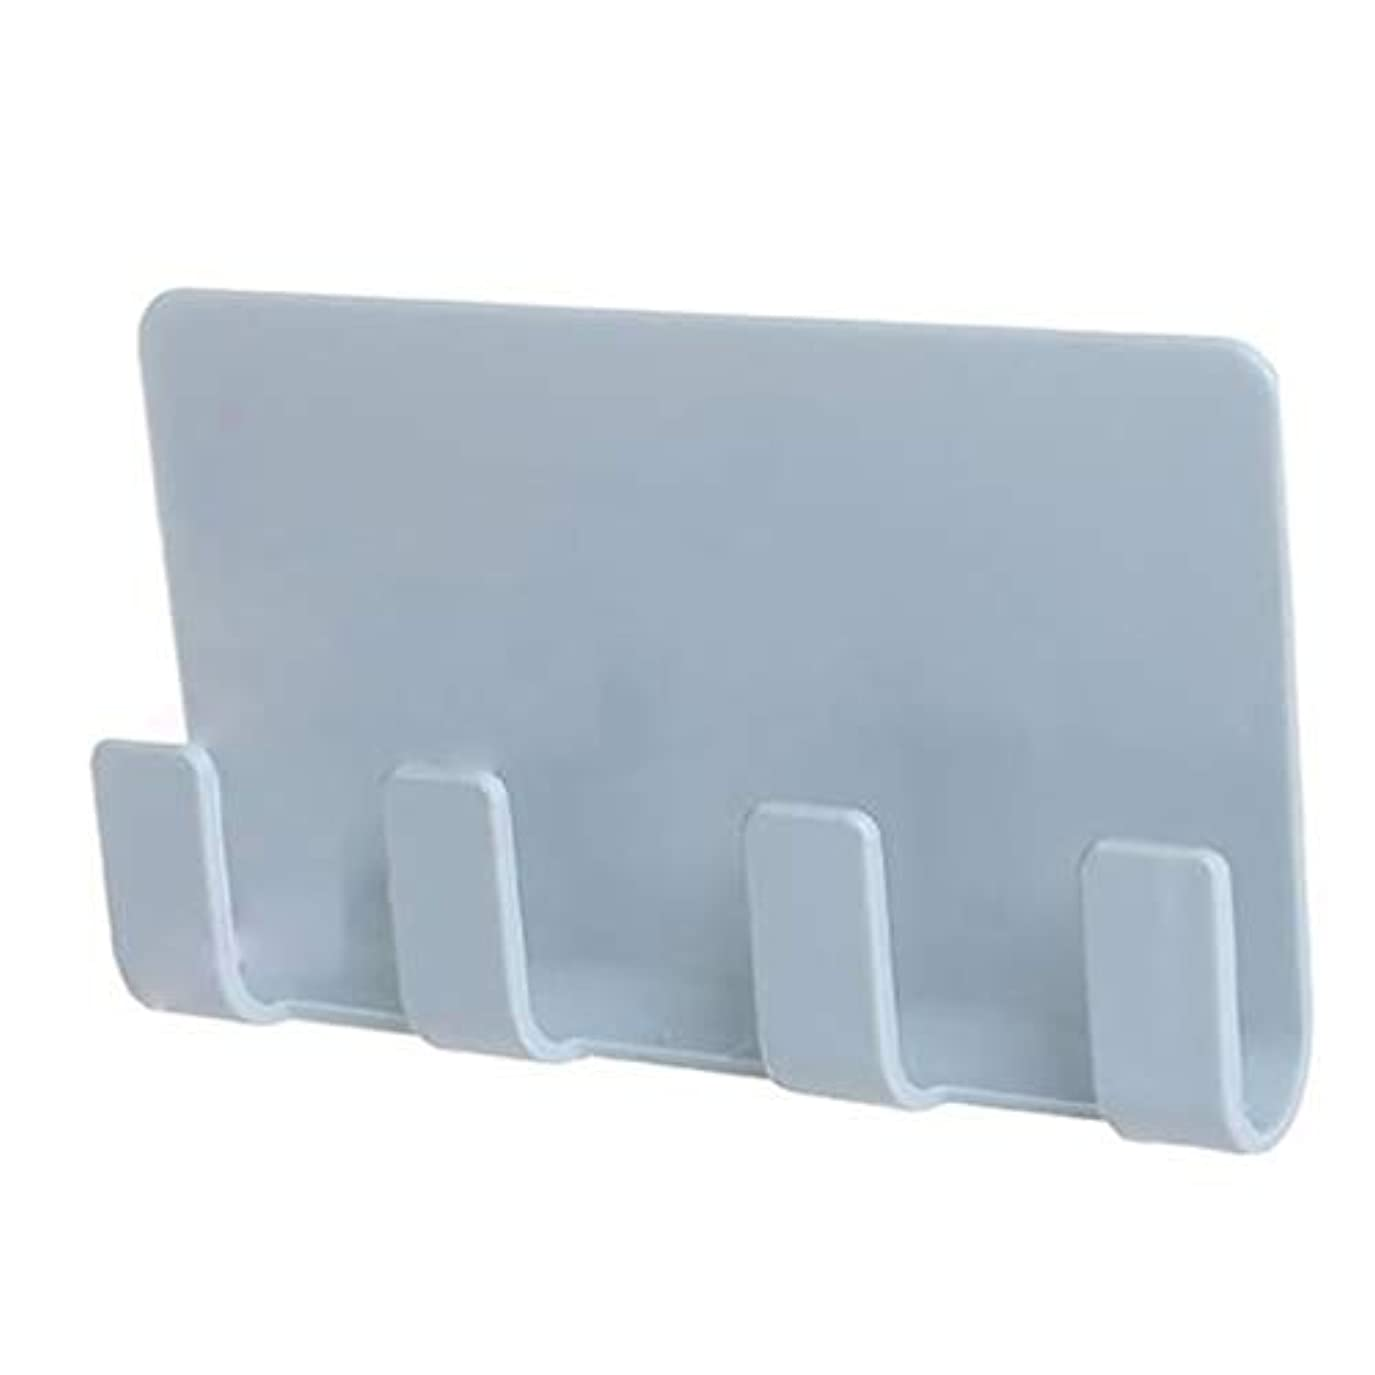 完全に乾く自動的に空港壁はルーム傘ステッカーウォールリビングマルチフレームをハンギングステッカー歯ブラシホルダー歯磨き粉をマウント